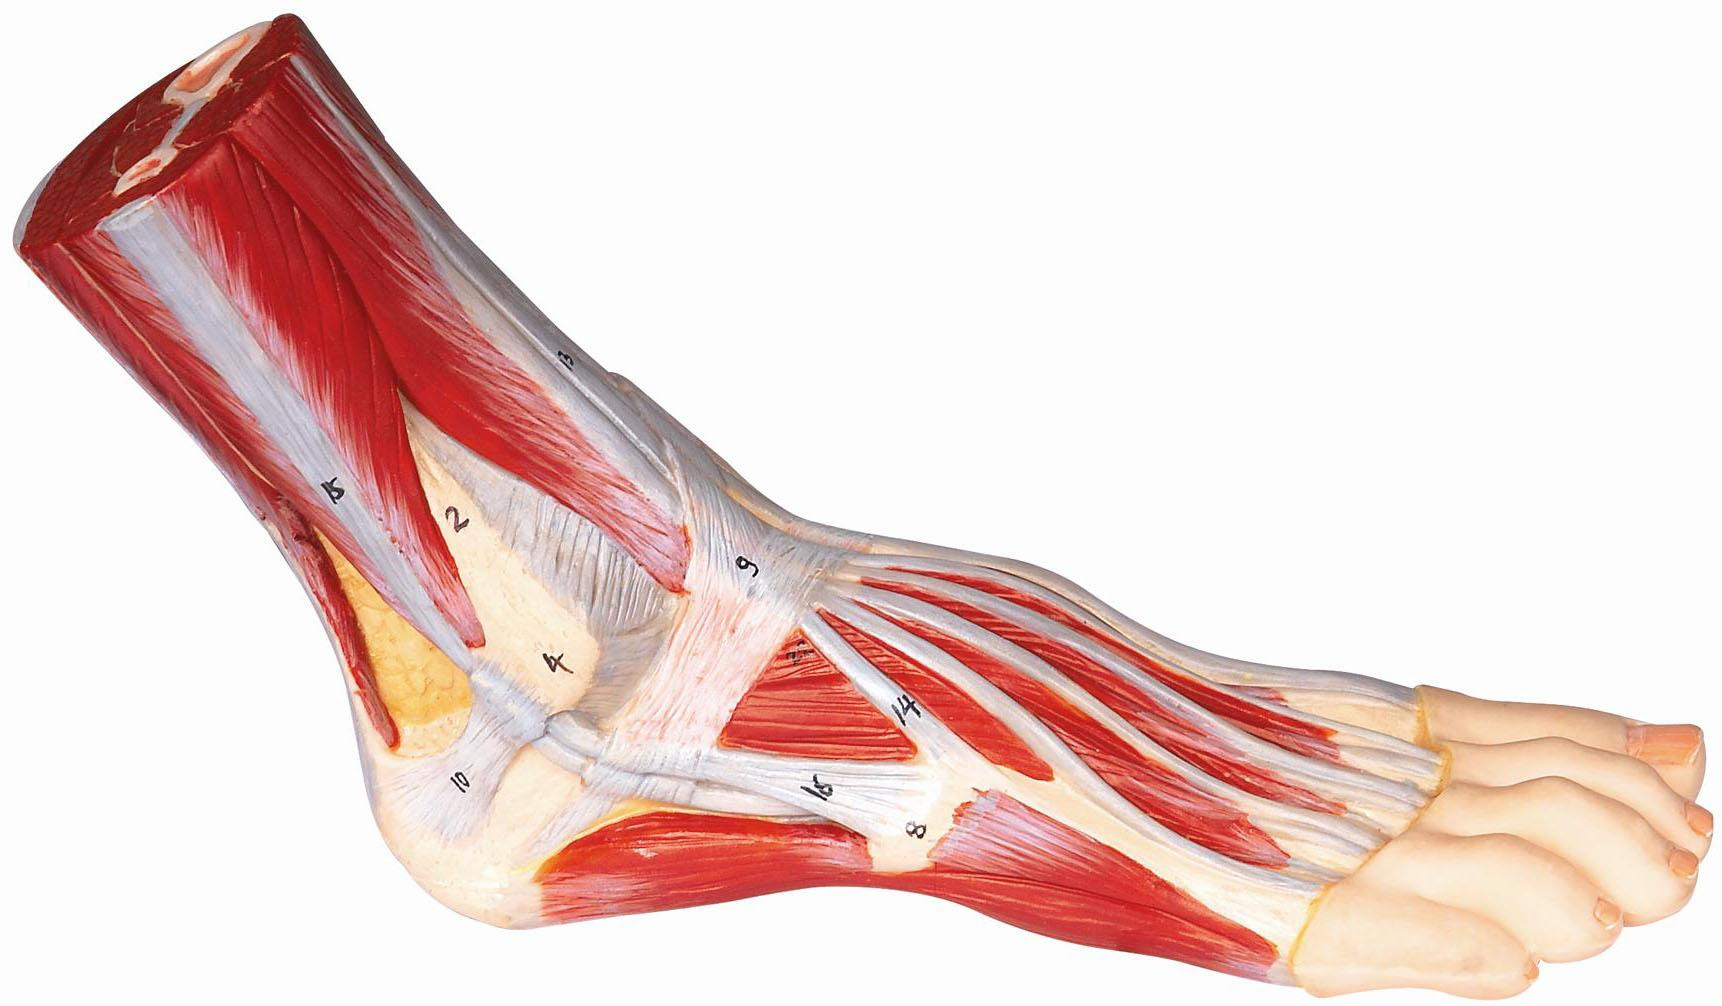 足解剖模型A11311,脚掌关节功能模型